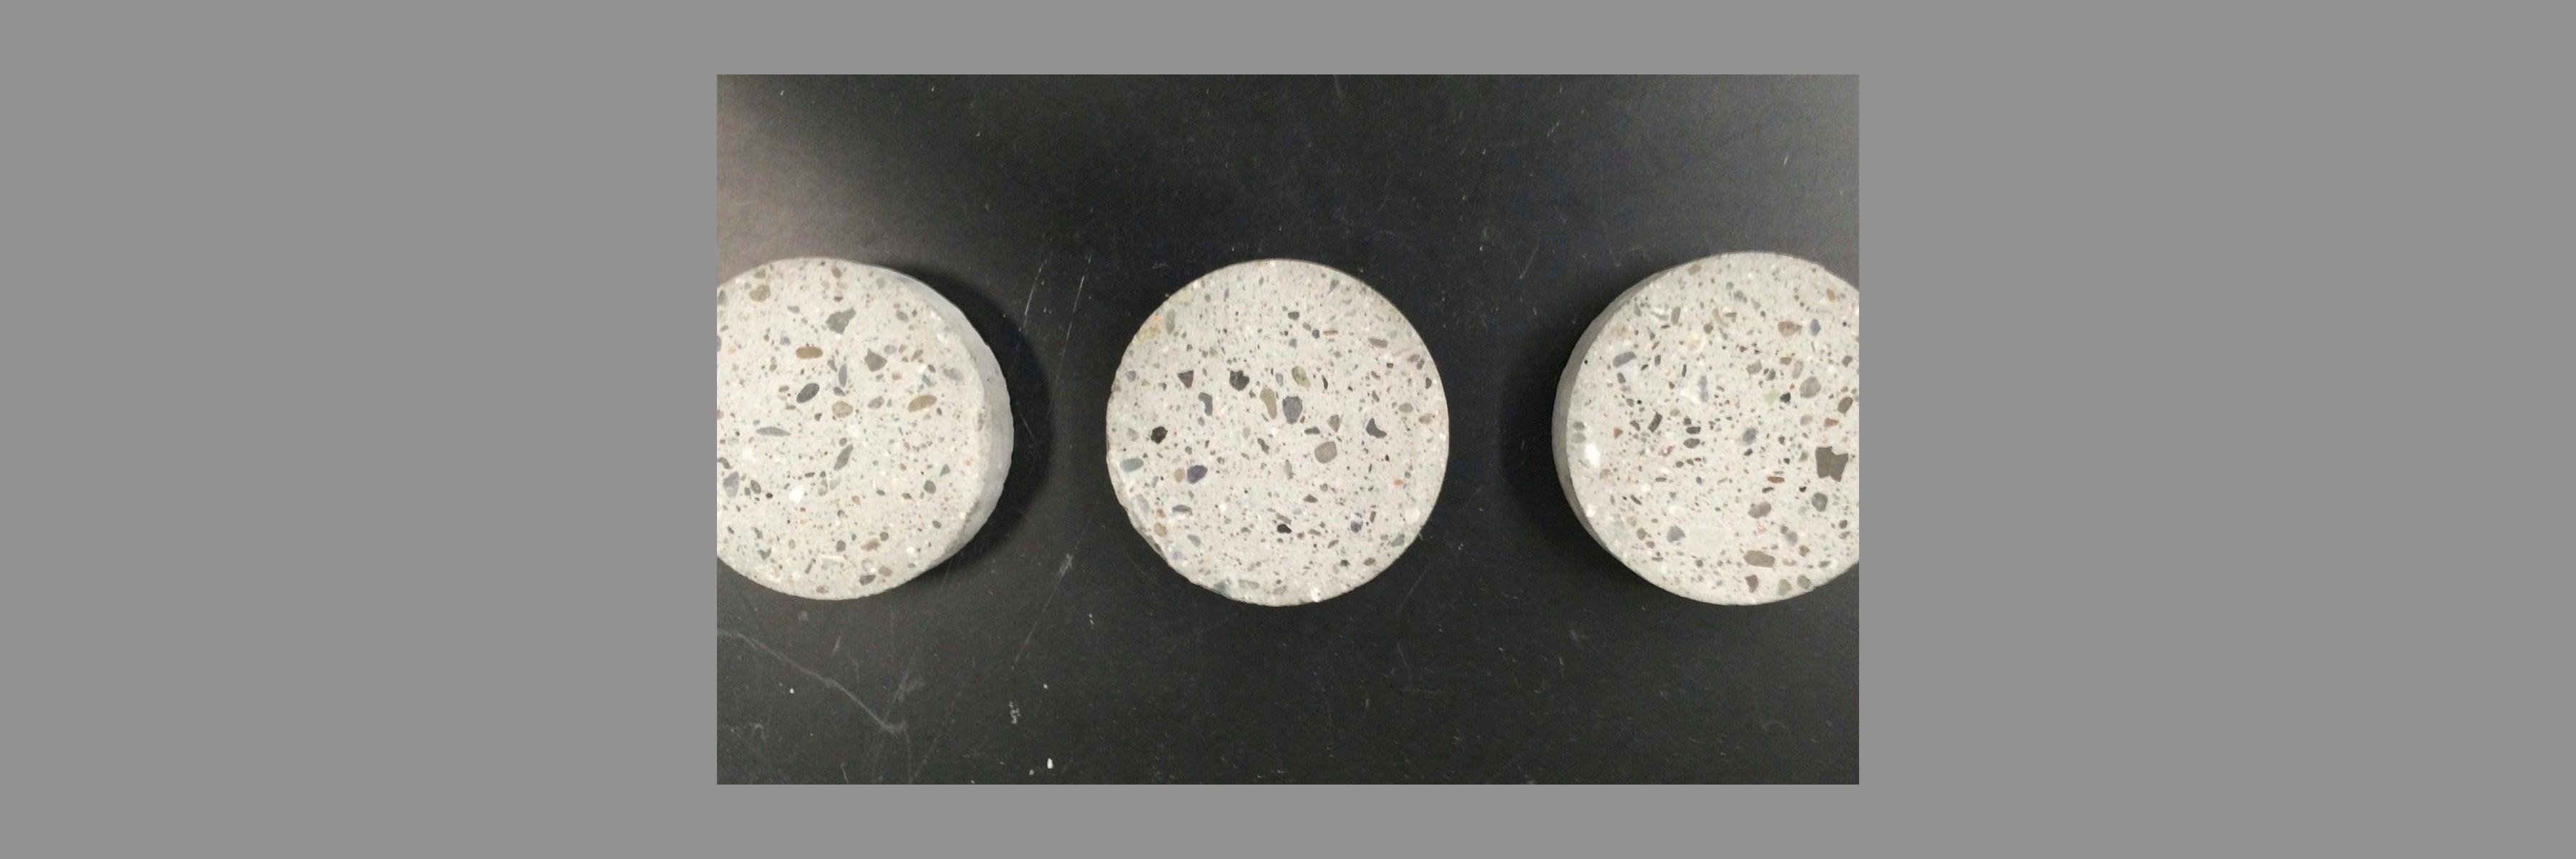 2Slide5_concrete_disks